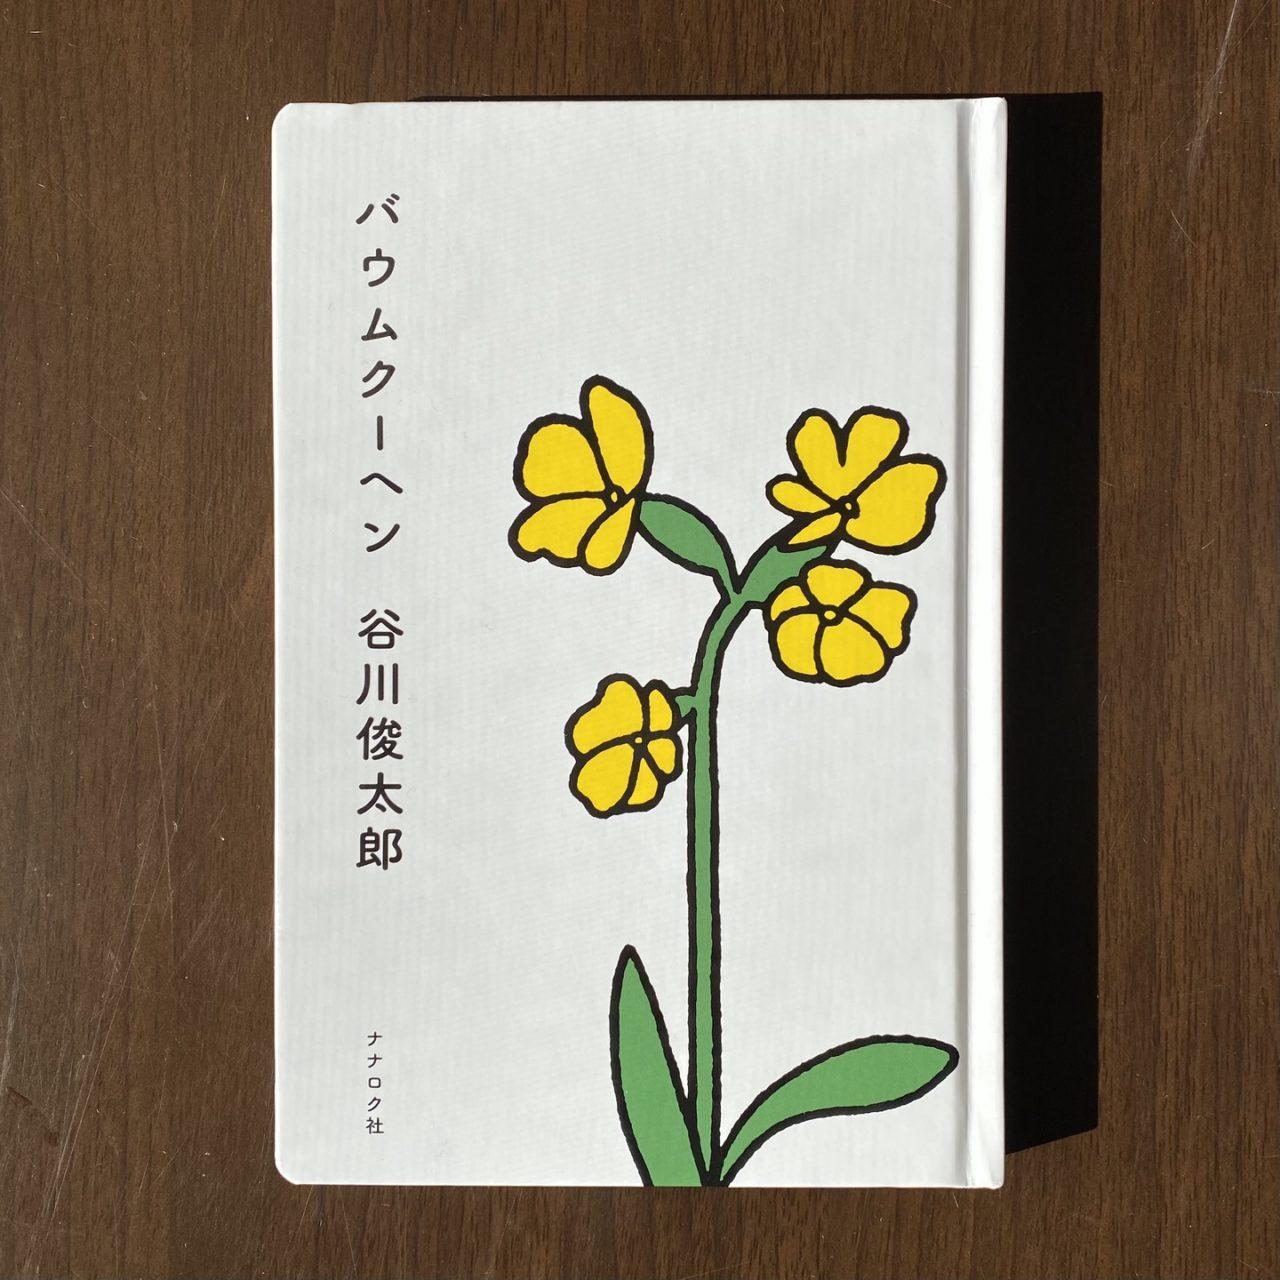 谷川俊太郎さんの詩集『バウムクーヘン』の画像